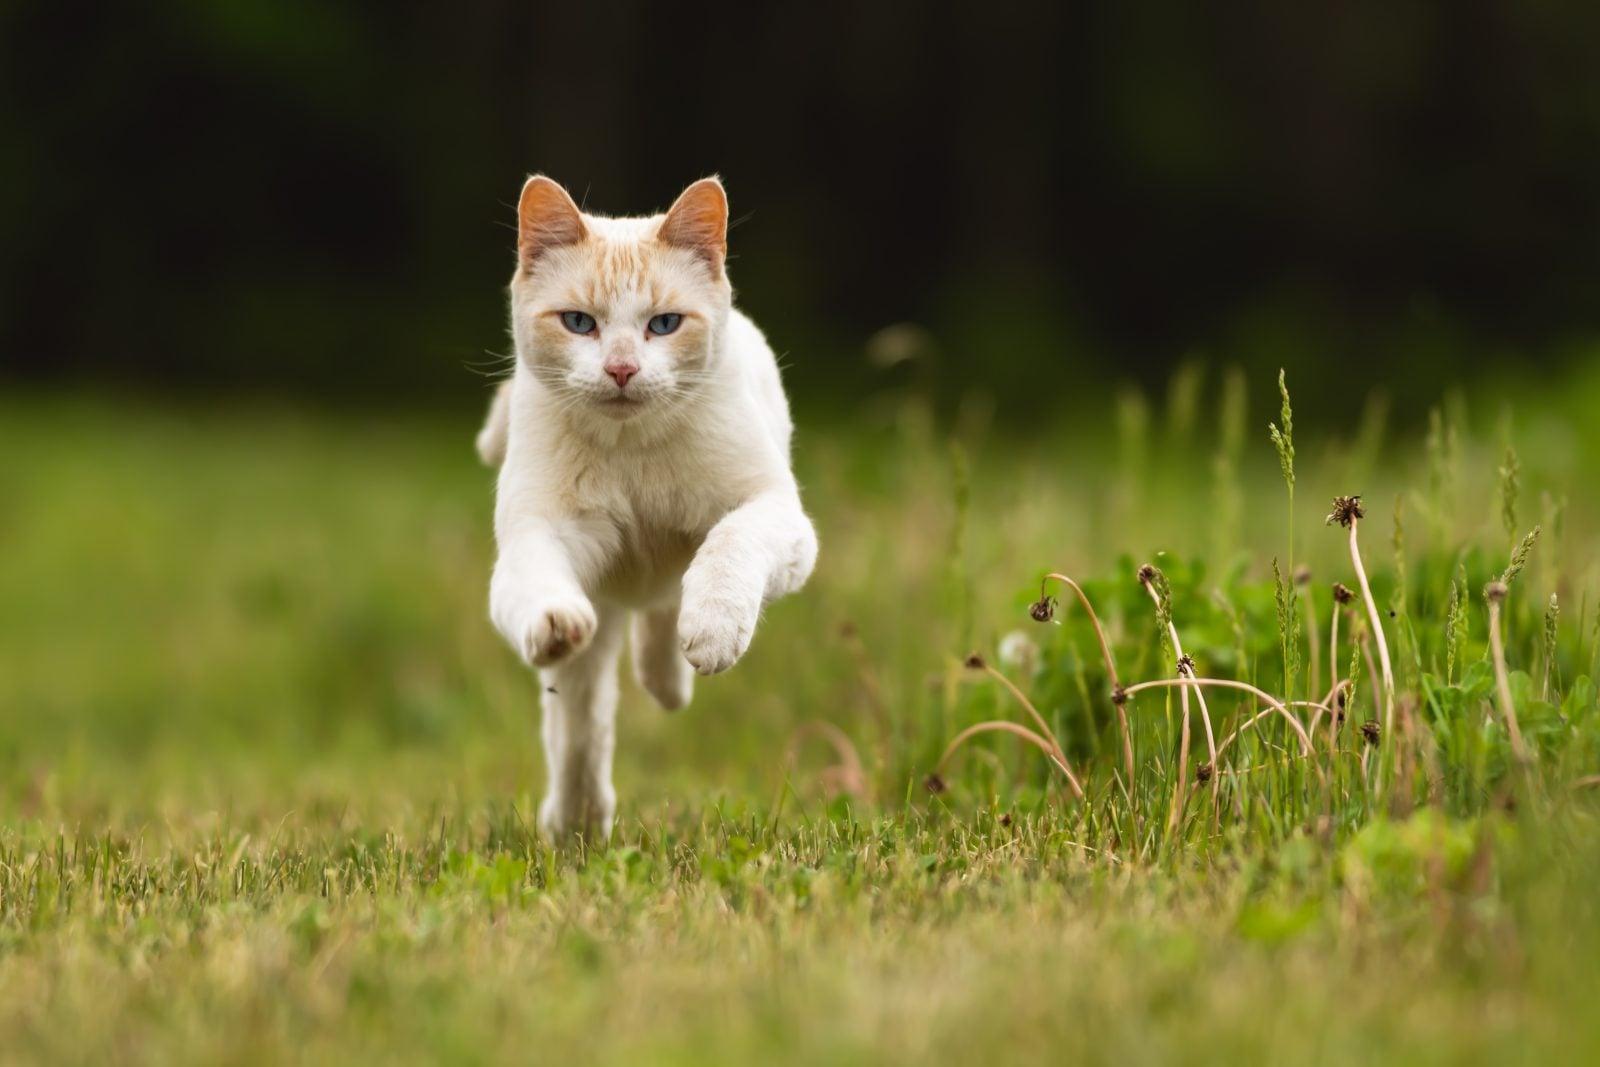 Ejercicio para gatos: Manteniendo a tu gatito en buena forma